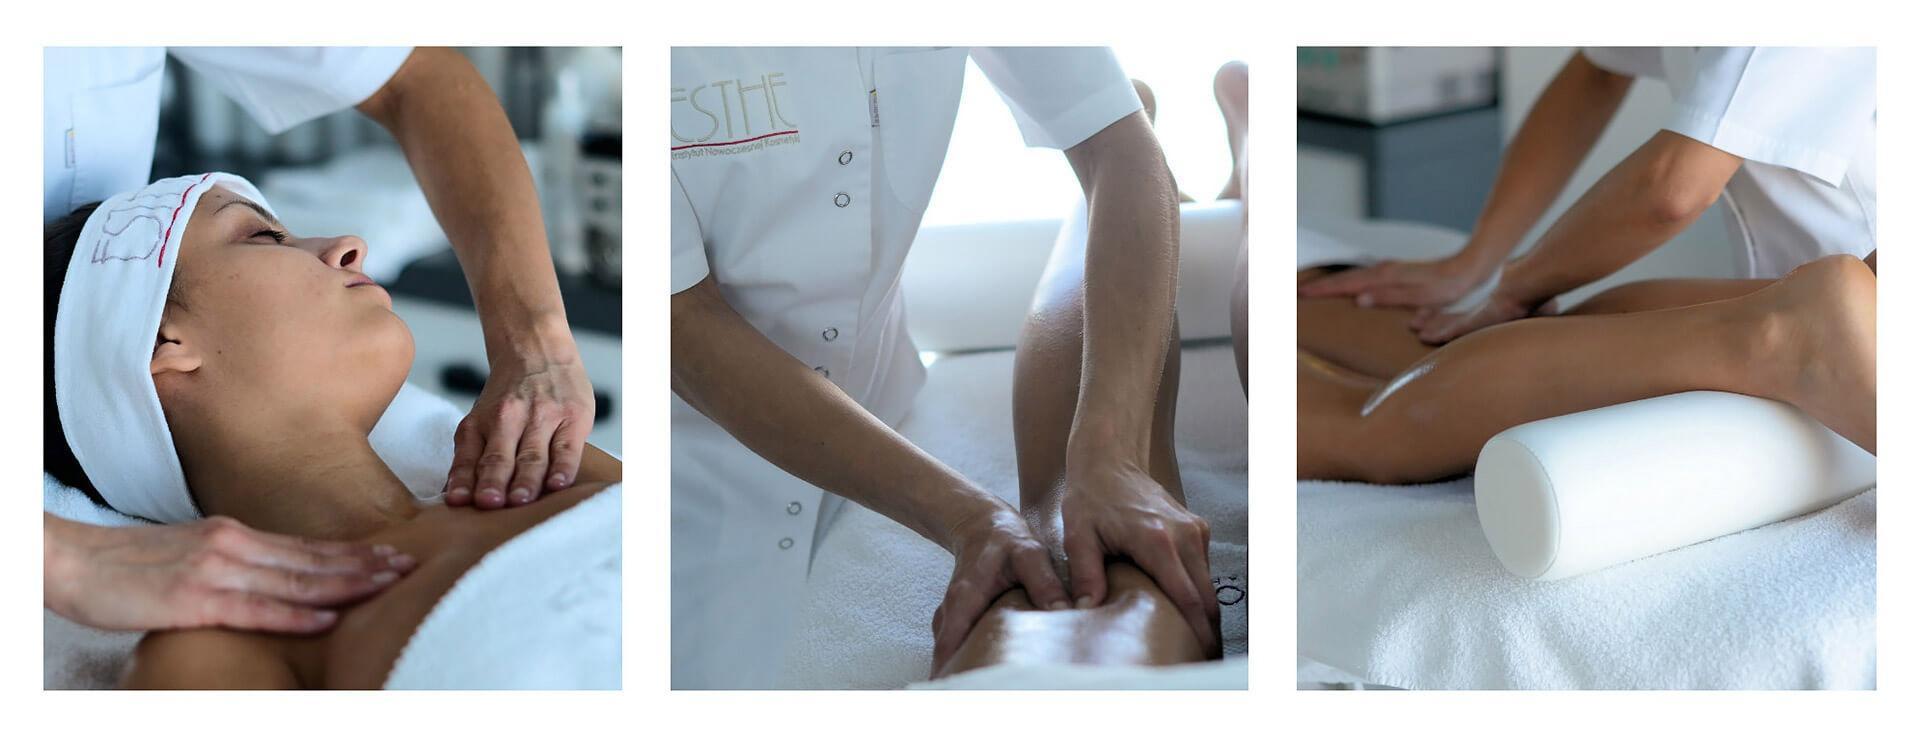 Modelowanie ciała - masaże - drenaż limfatyczny - gabinet kosmetyczny Esthe w Lublinie